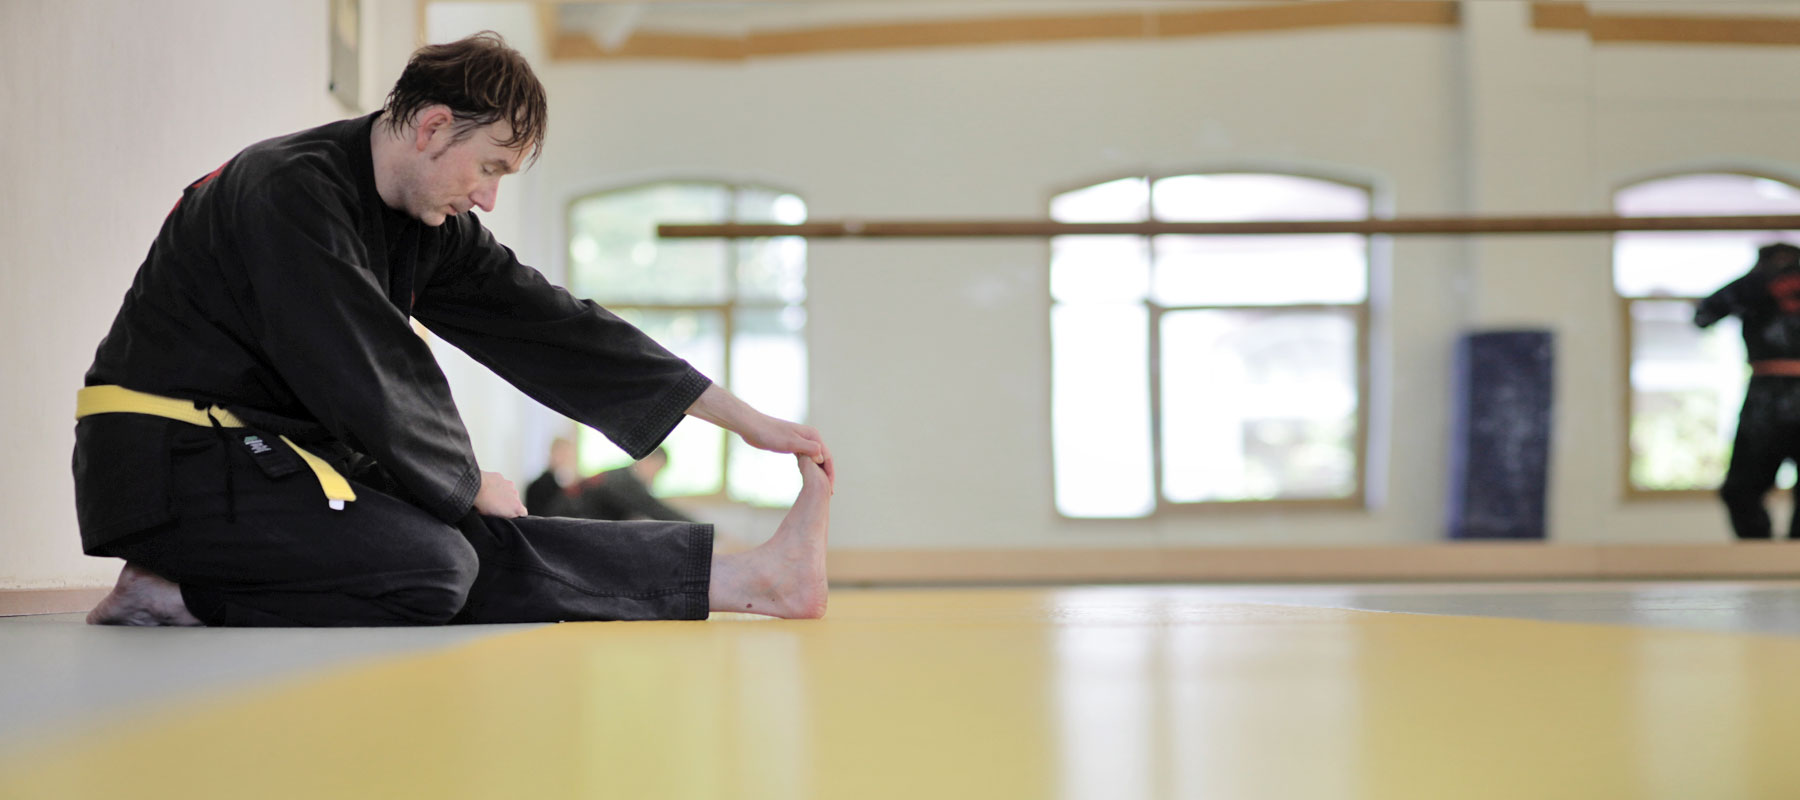 Dehnung für das Kampfkunst-Training